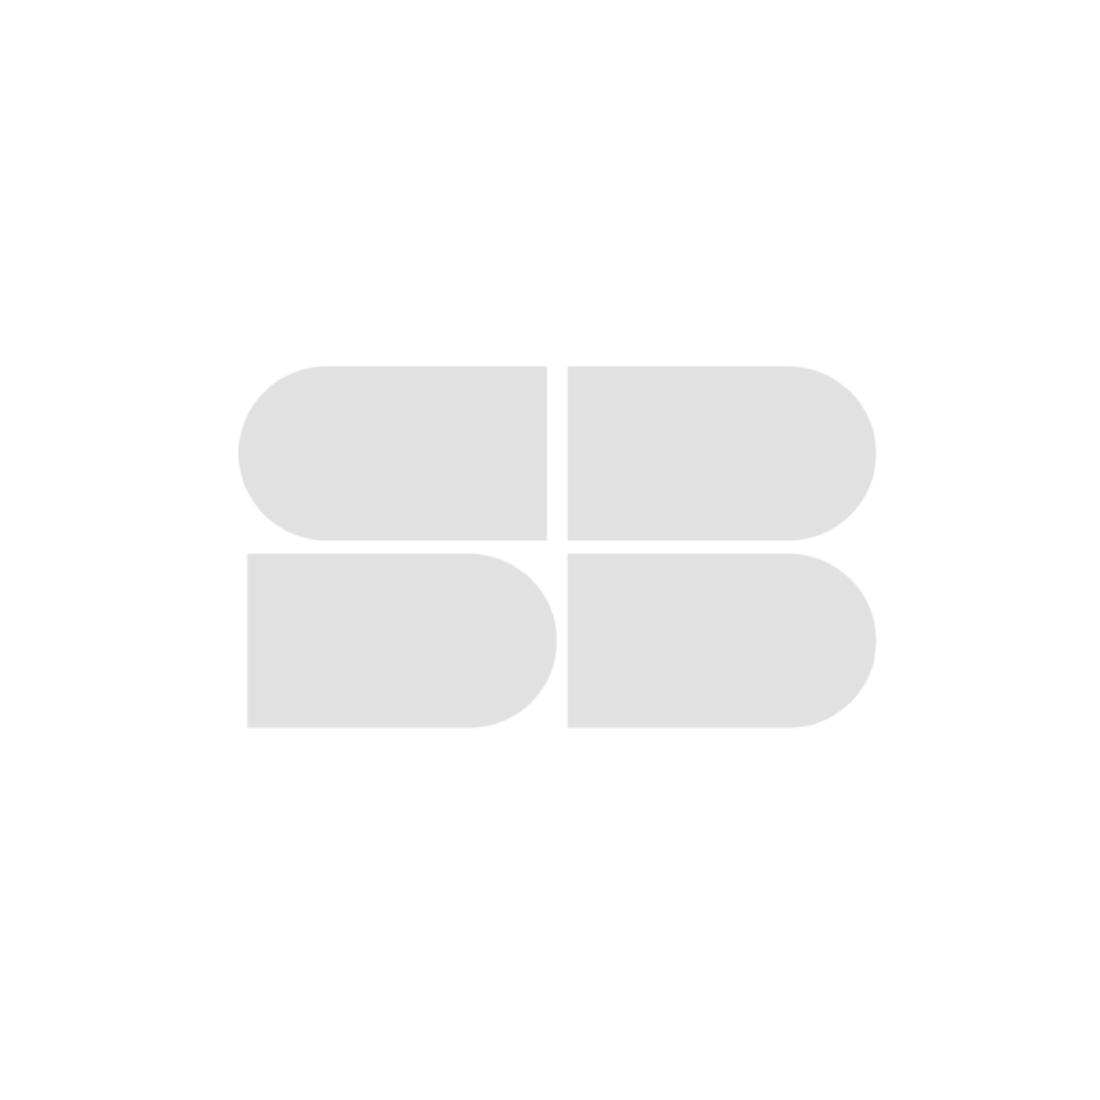 เก้าอี้ทานอาหาร เก้าอี้สตูลบาร์เหล็กเบาะหนัง รุ่น Teana สีสีเหลือง-SB Design Square